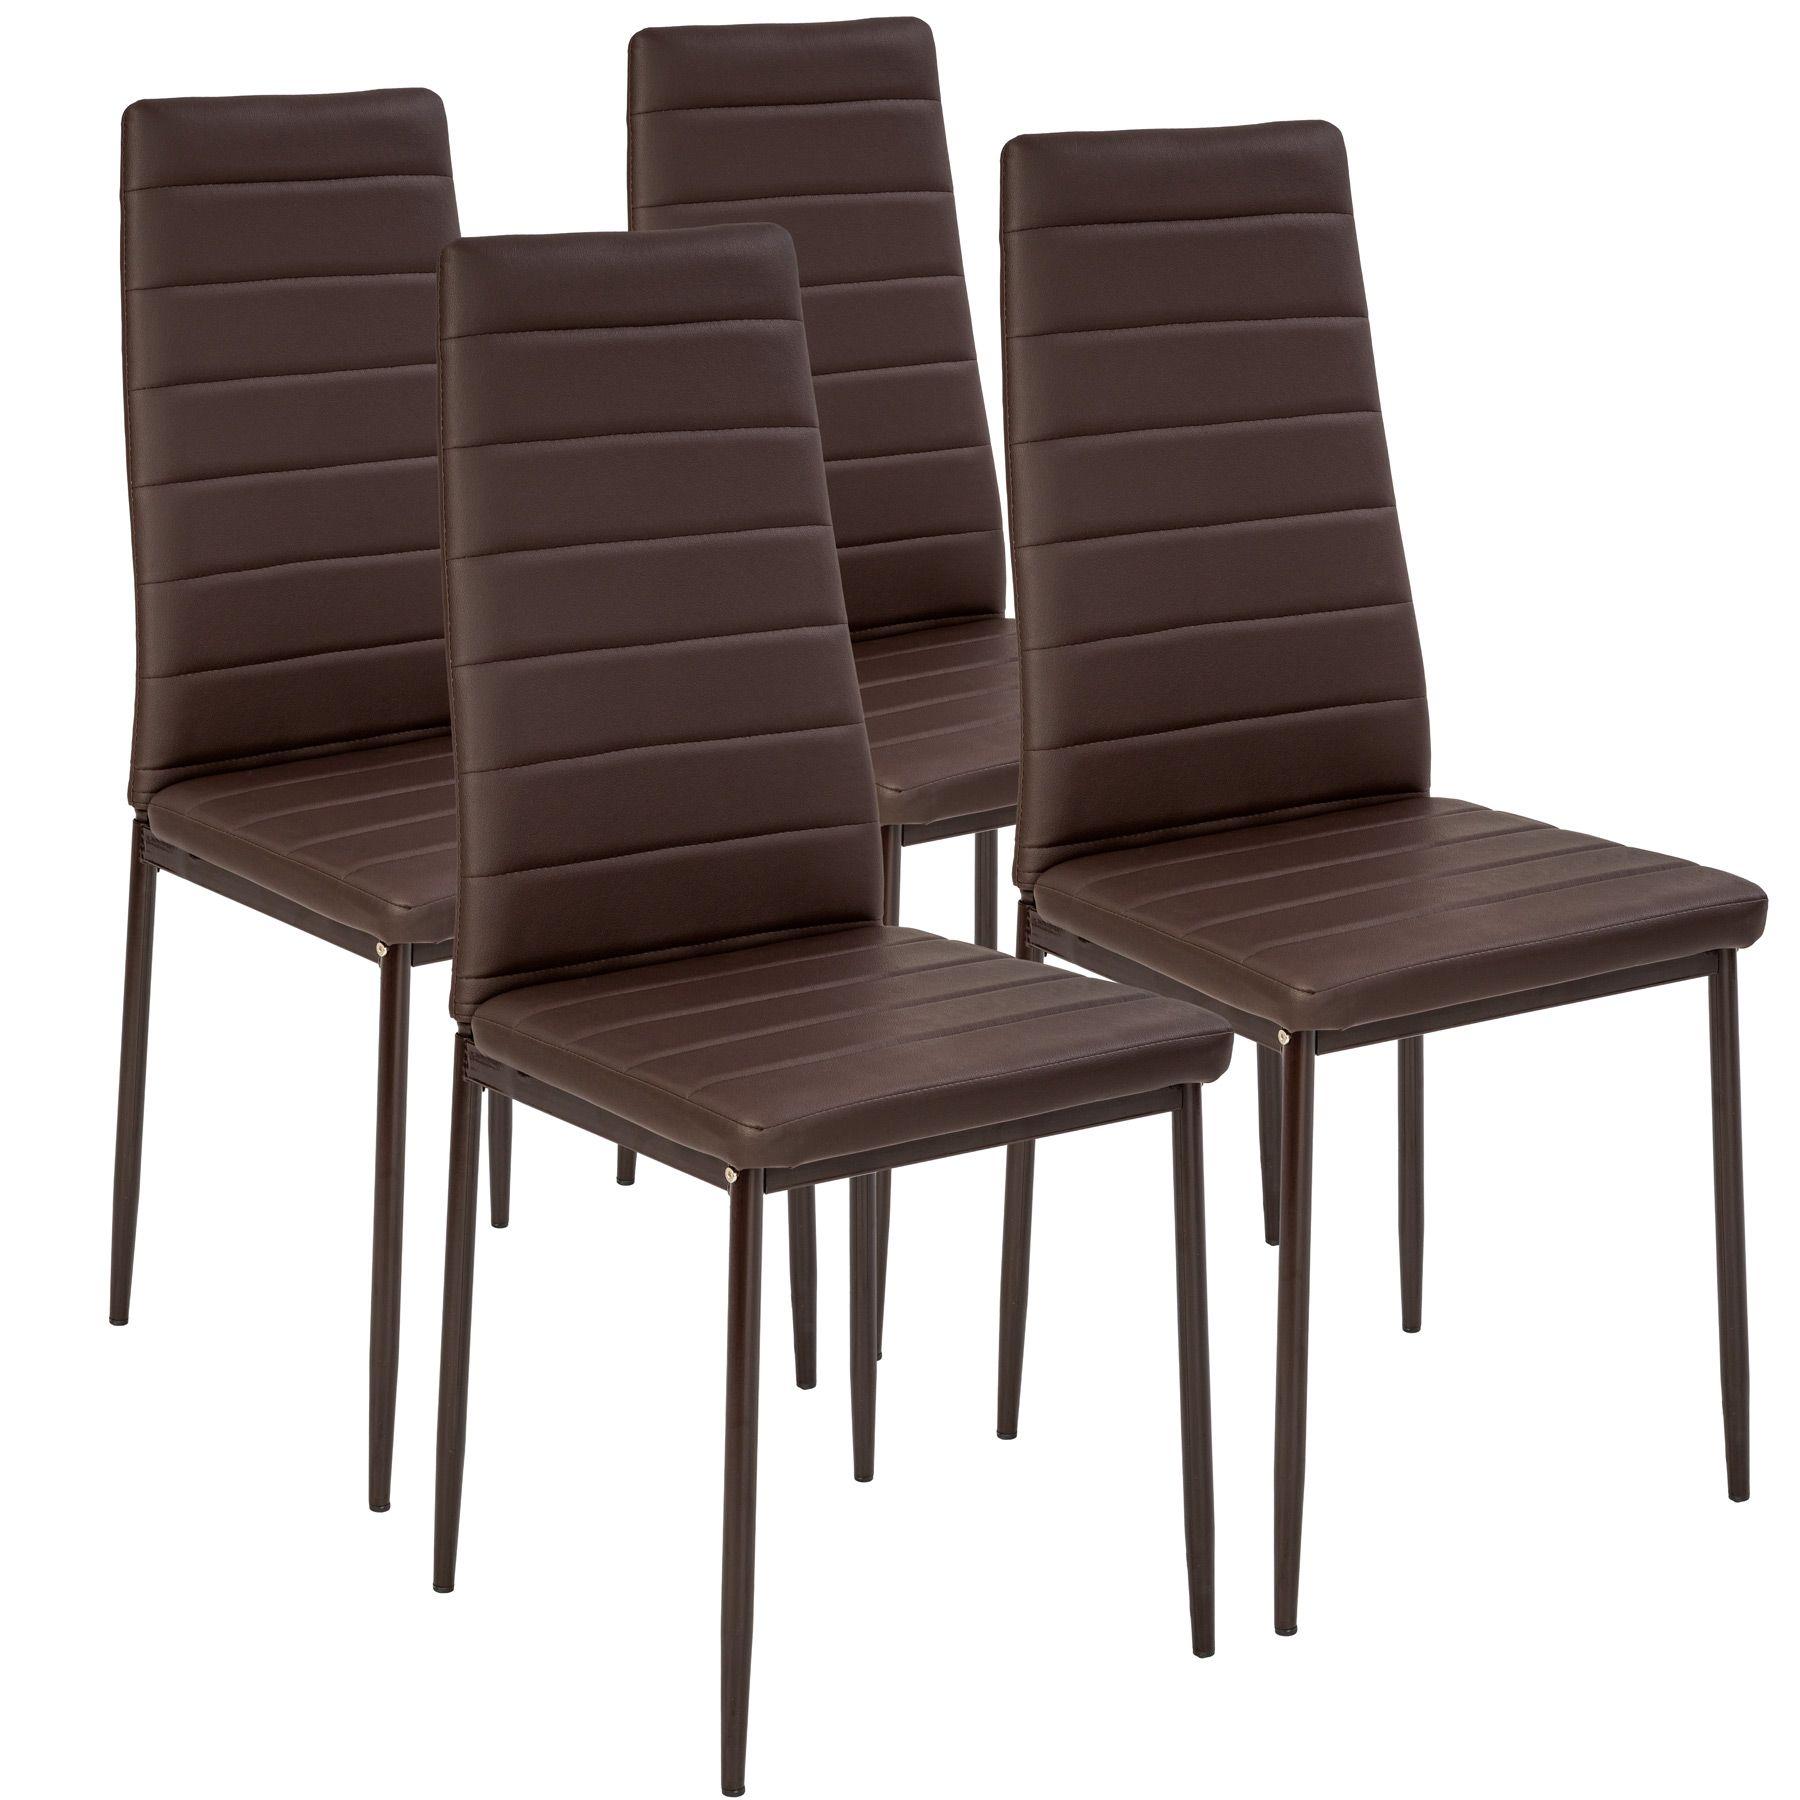 4x Esszimmerstuhl Set Stühle Küchenstuhl Hochlehner Wartezimmer Stuhl grau